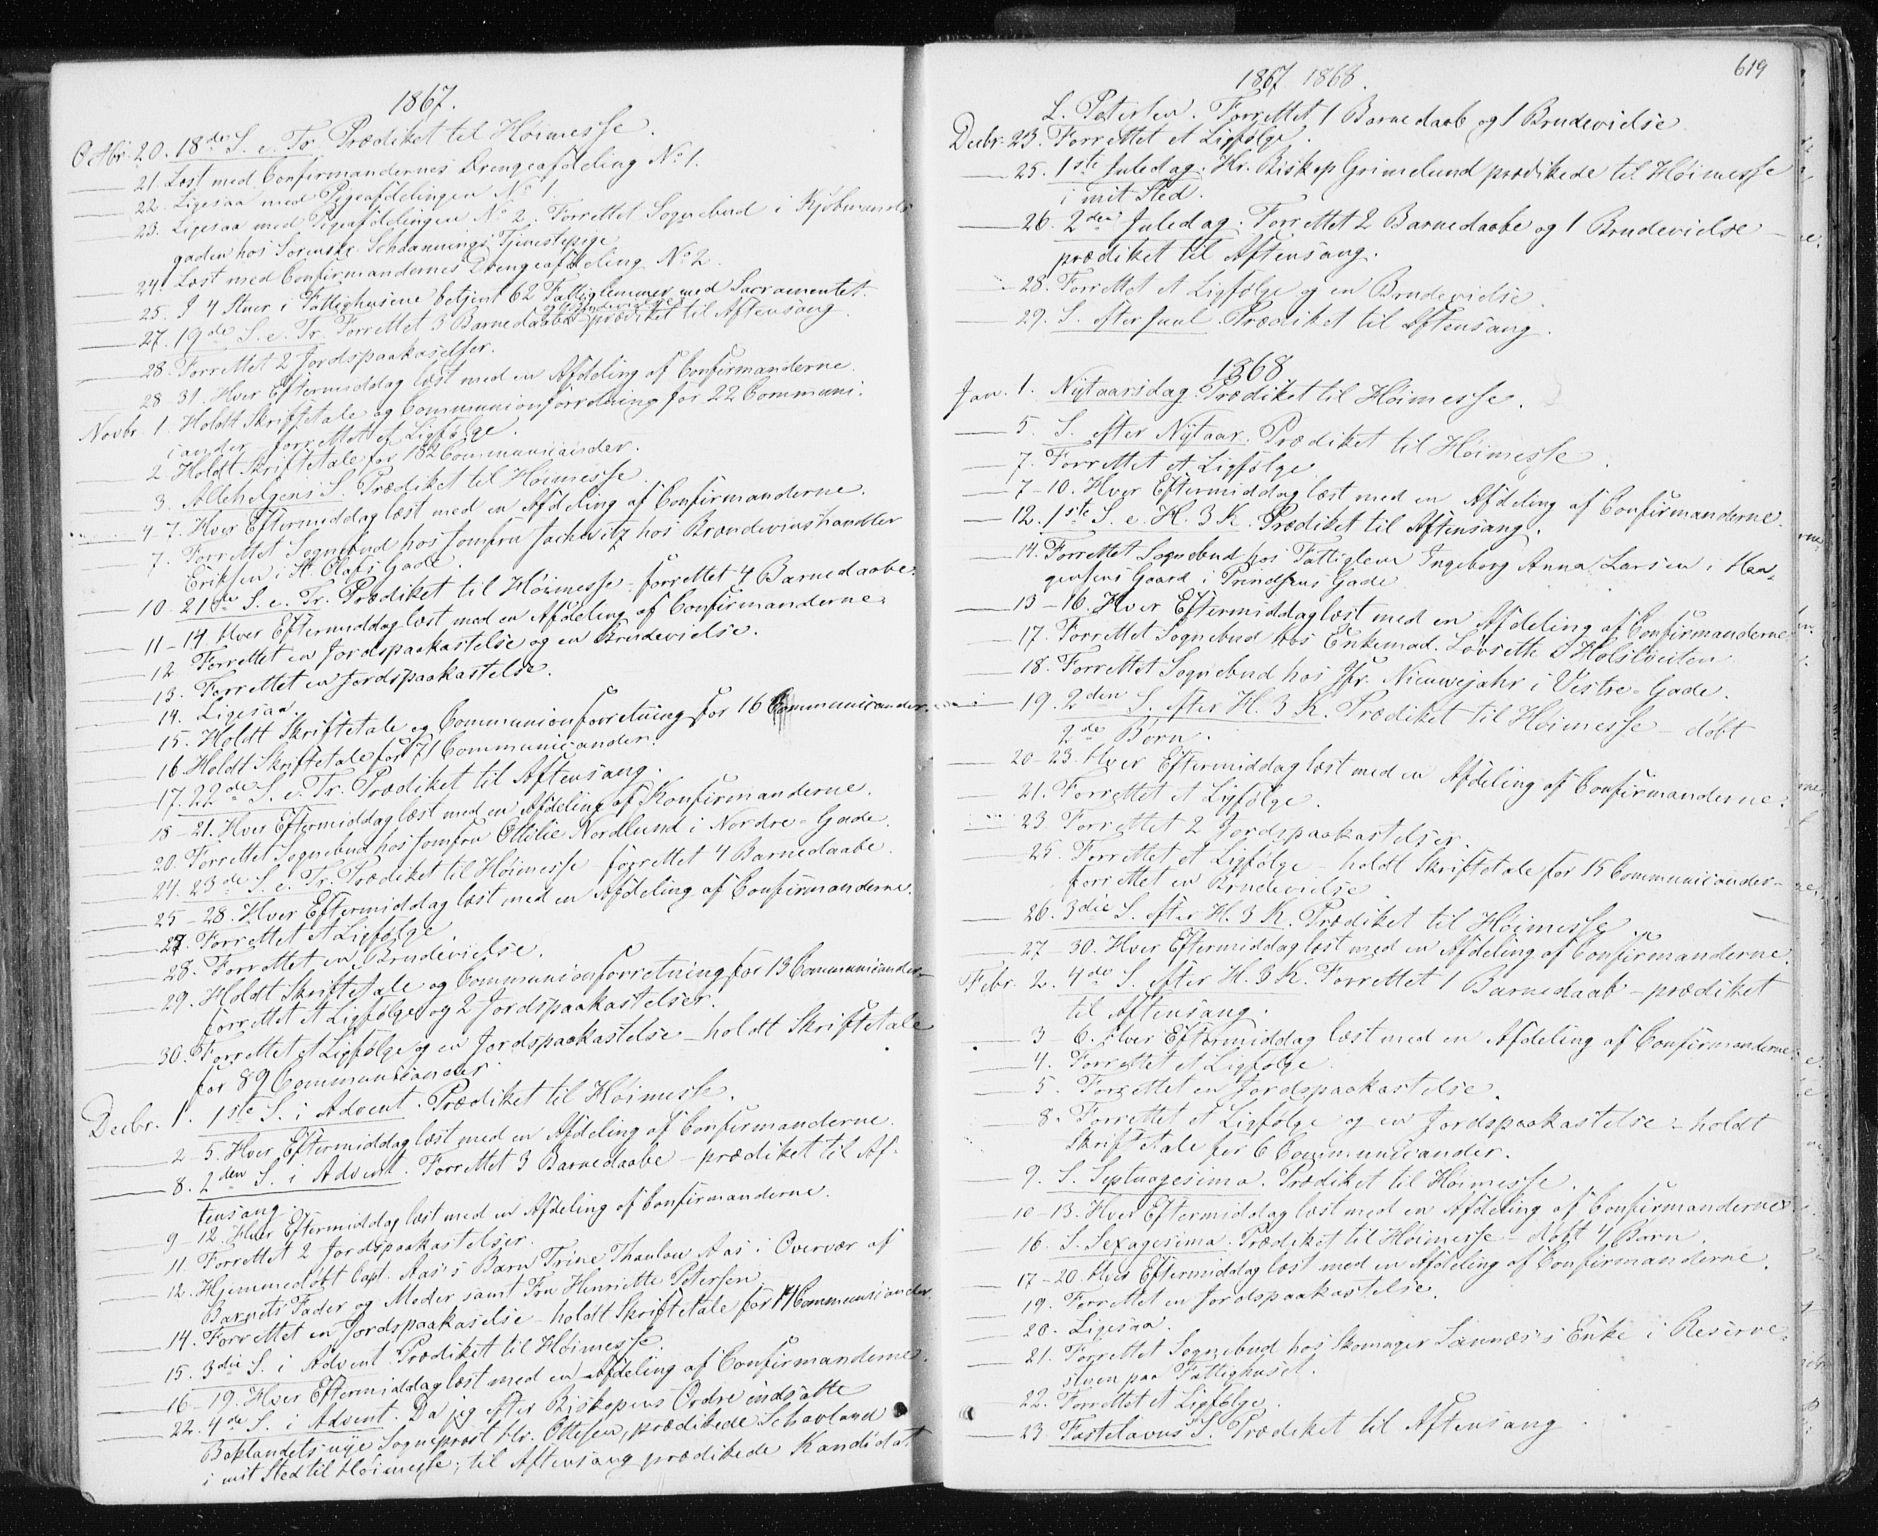 SAT, Ministerialprotokoller, klokkerbøker og fødselsregistre - Sør-Trøndelag, 601/L0055: Ministerialbok nr. 601A23, 1866-1877, s. 619